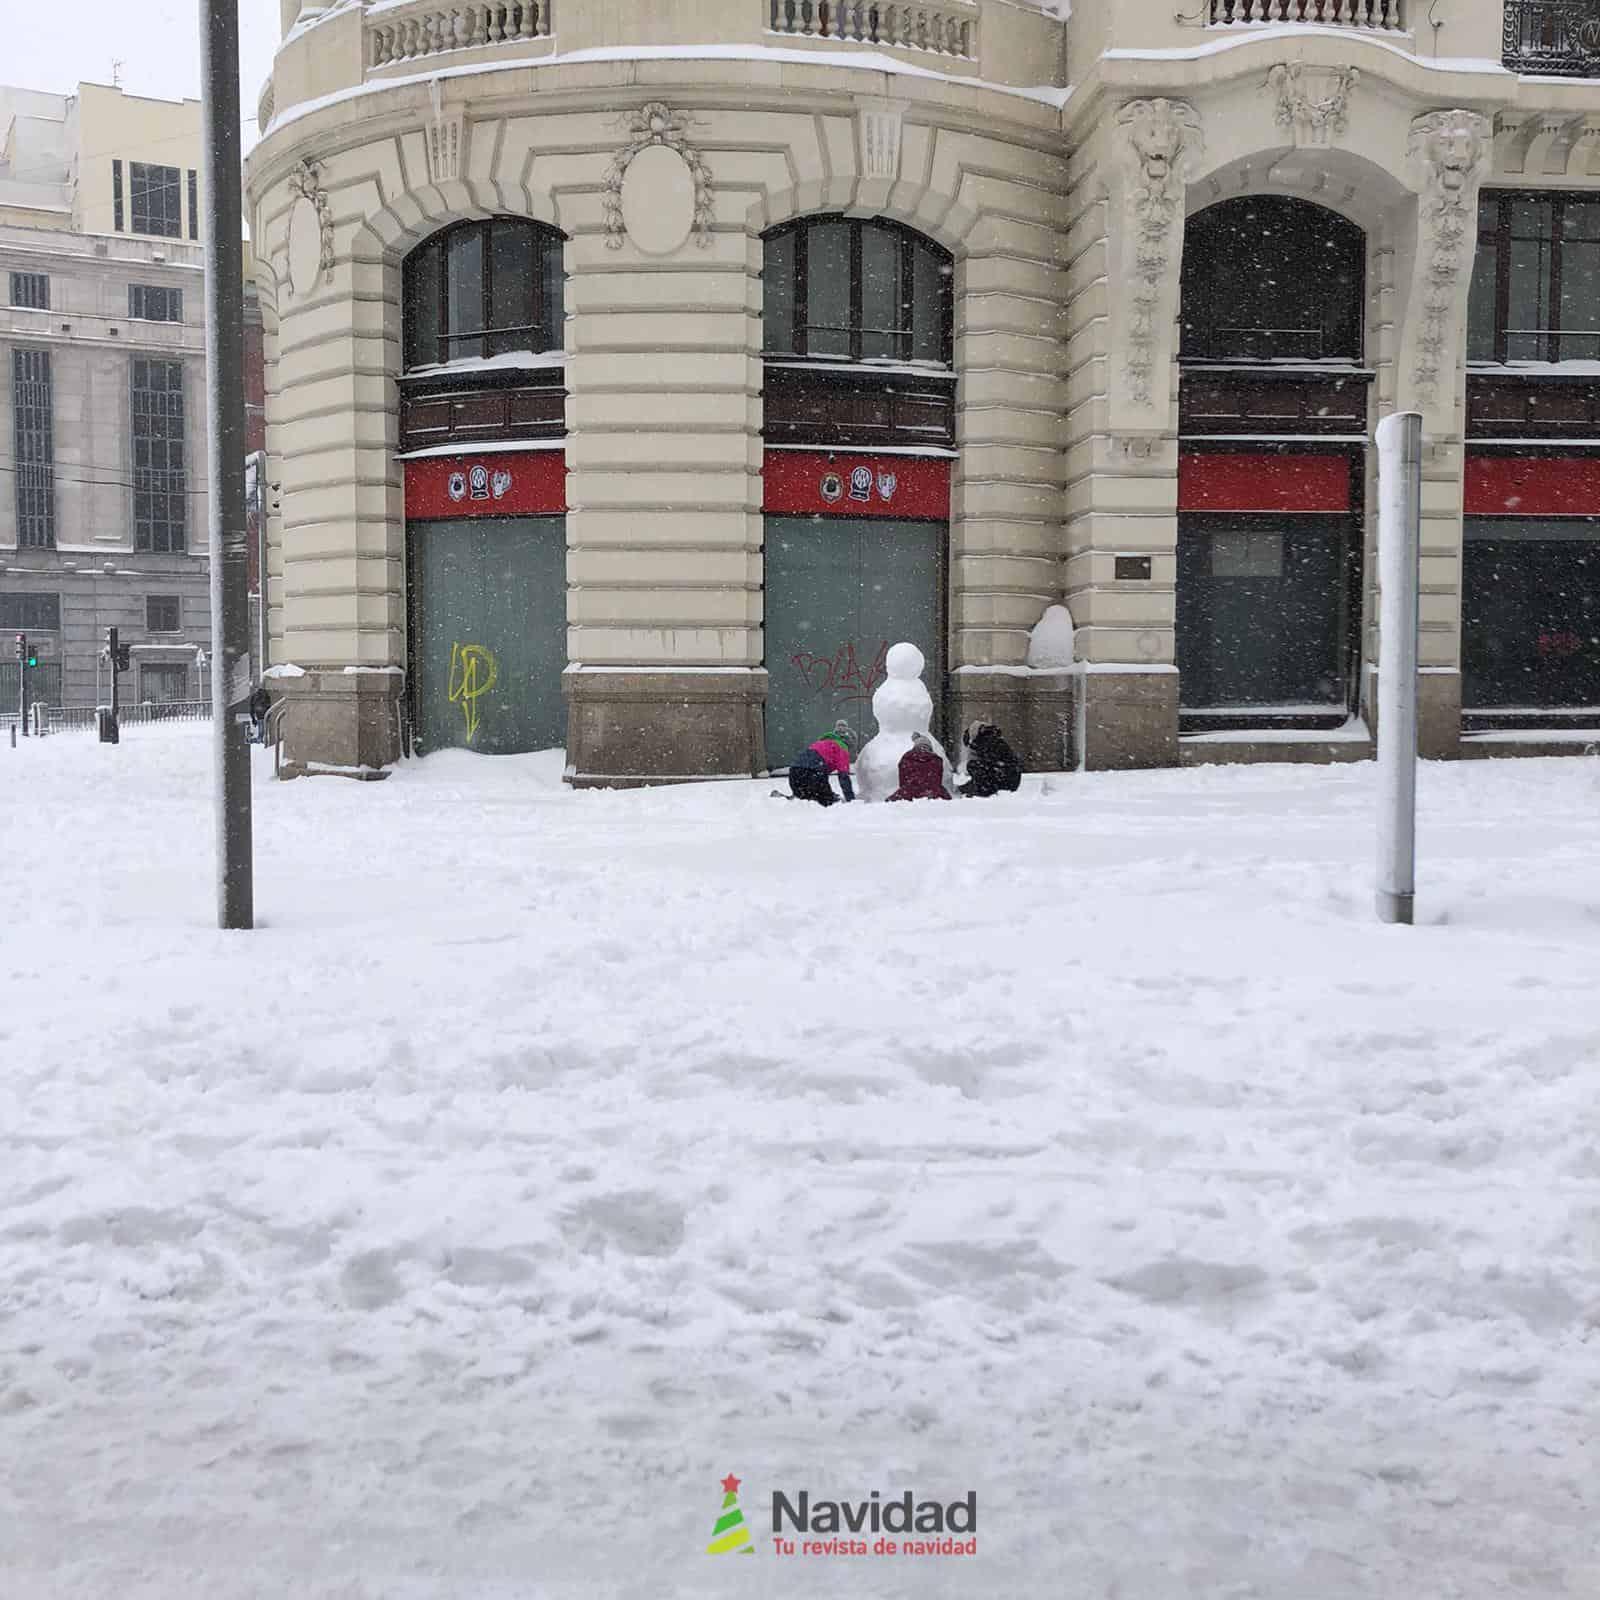 Fotografías de la nevada de enero en Madrid (España) 109